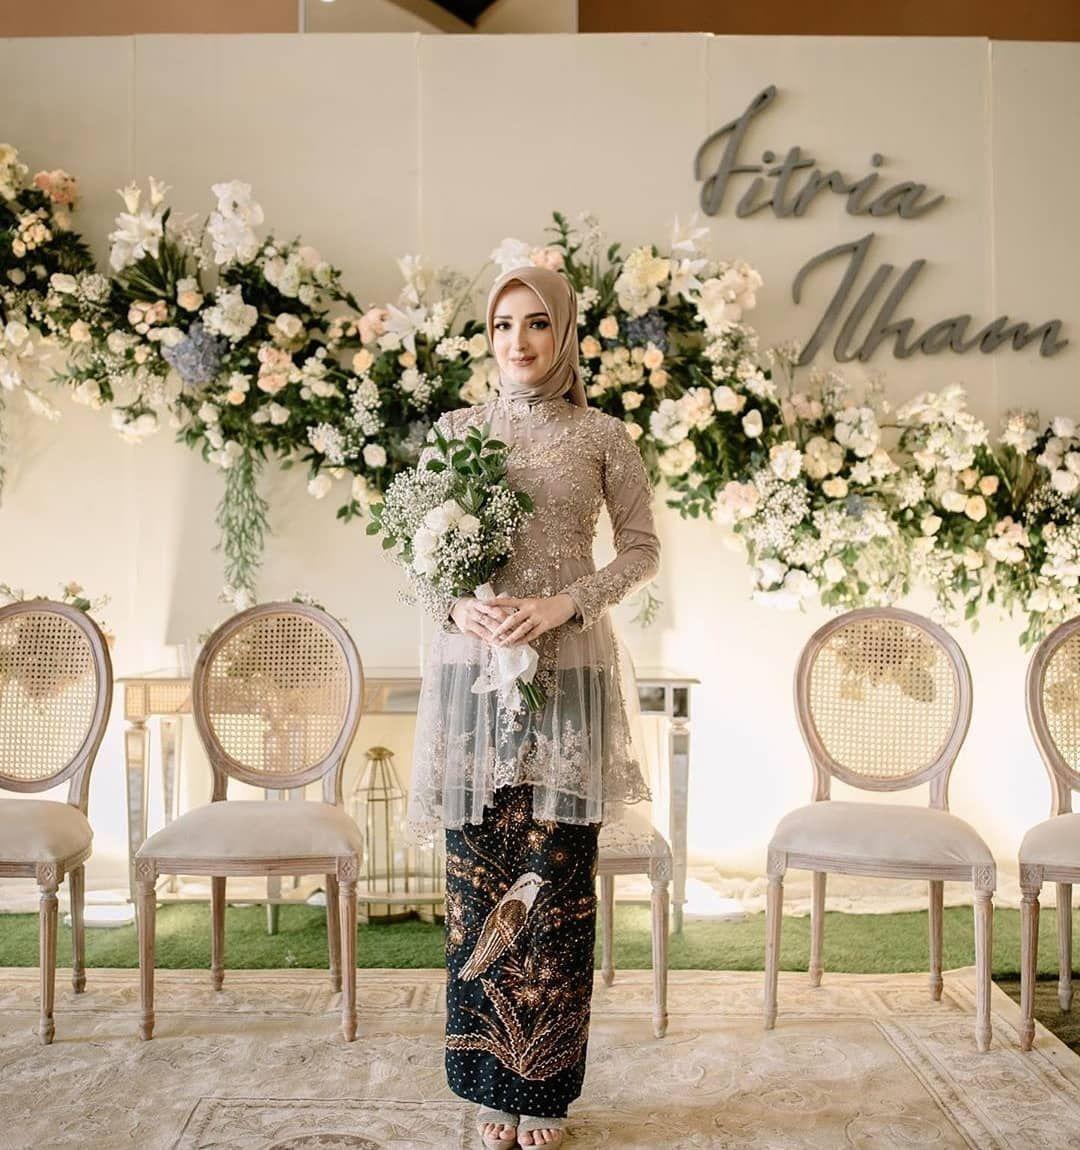 Inspirasi Dekorasi Lamaran Dengan Tata Rias Dan Busana Yang Senada Semua Dikemas Dengan Sempurna Pernikahan Kebaya Pernikahan Pakaian Pernikahan